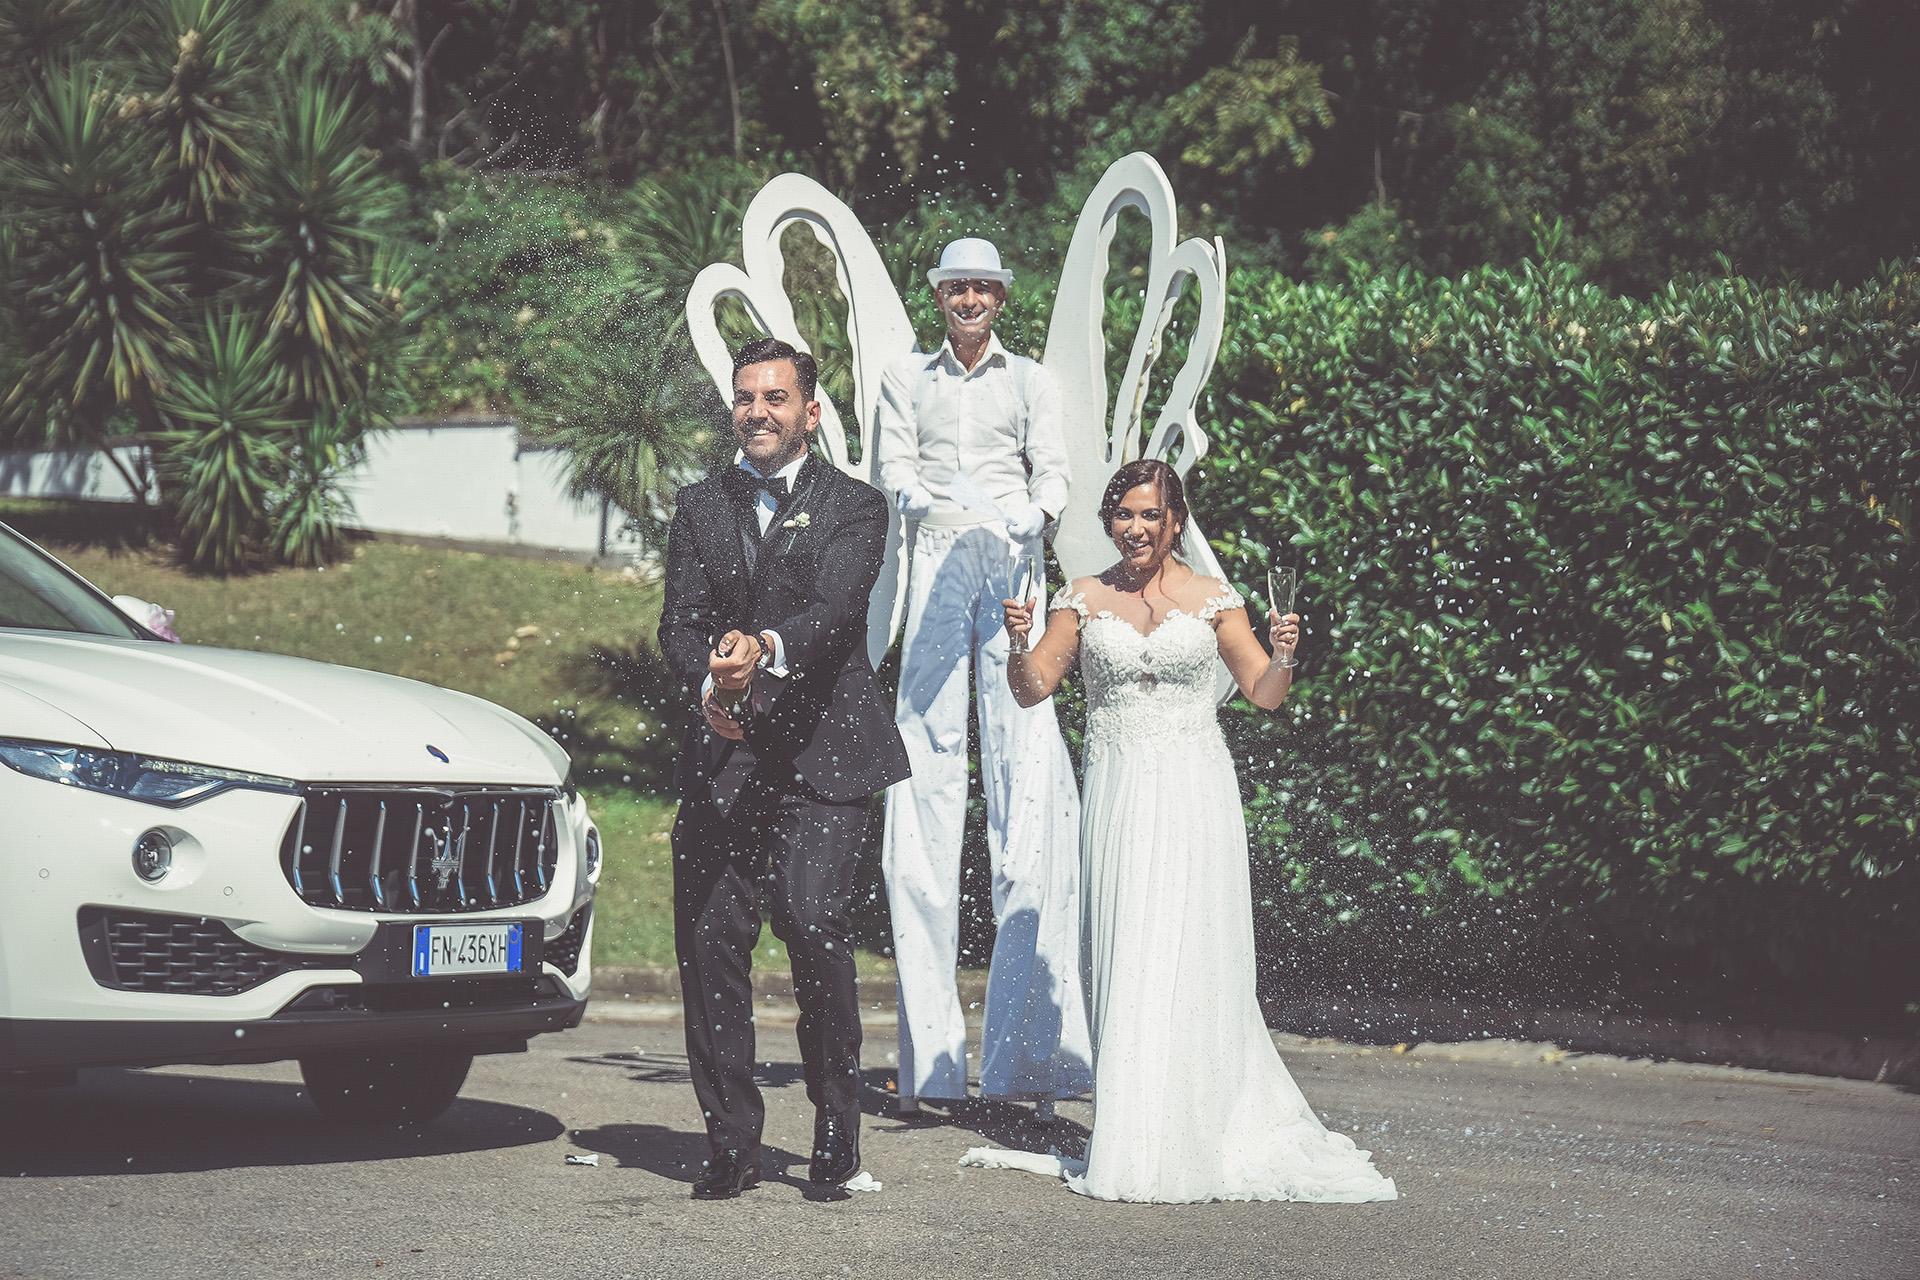 Fotografo matrimonio nola